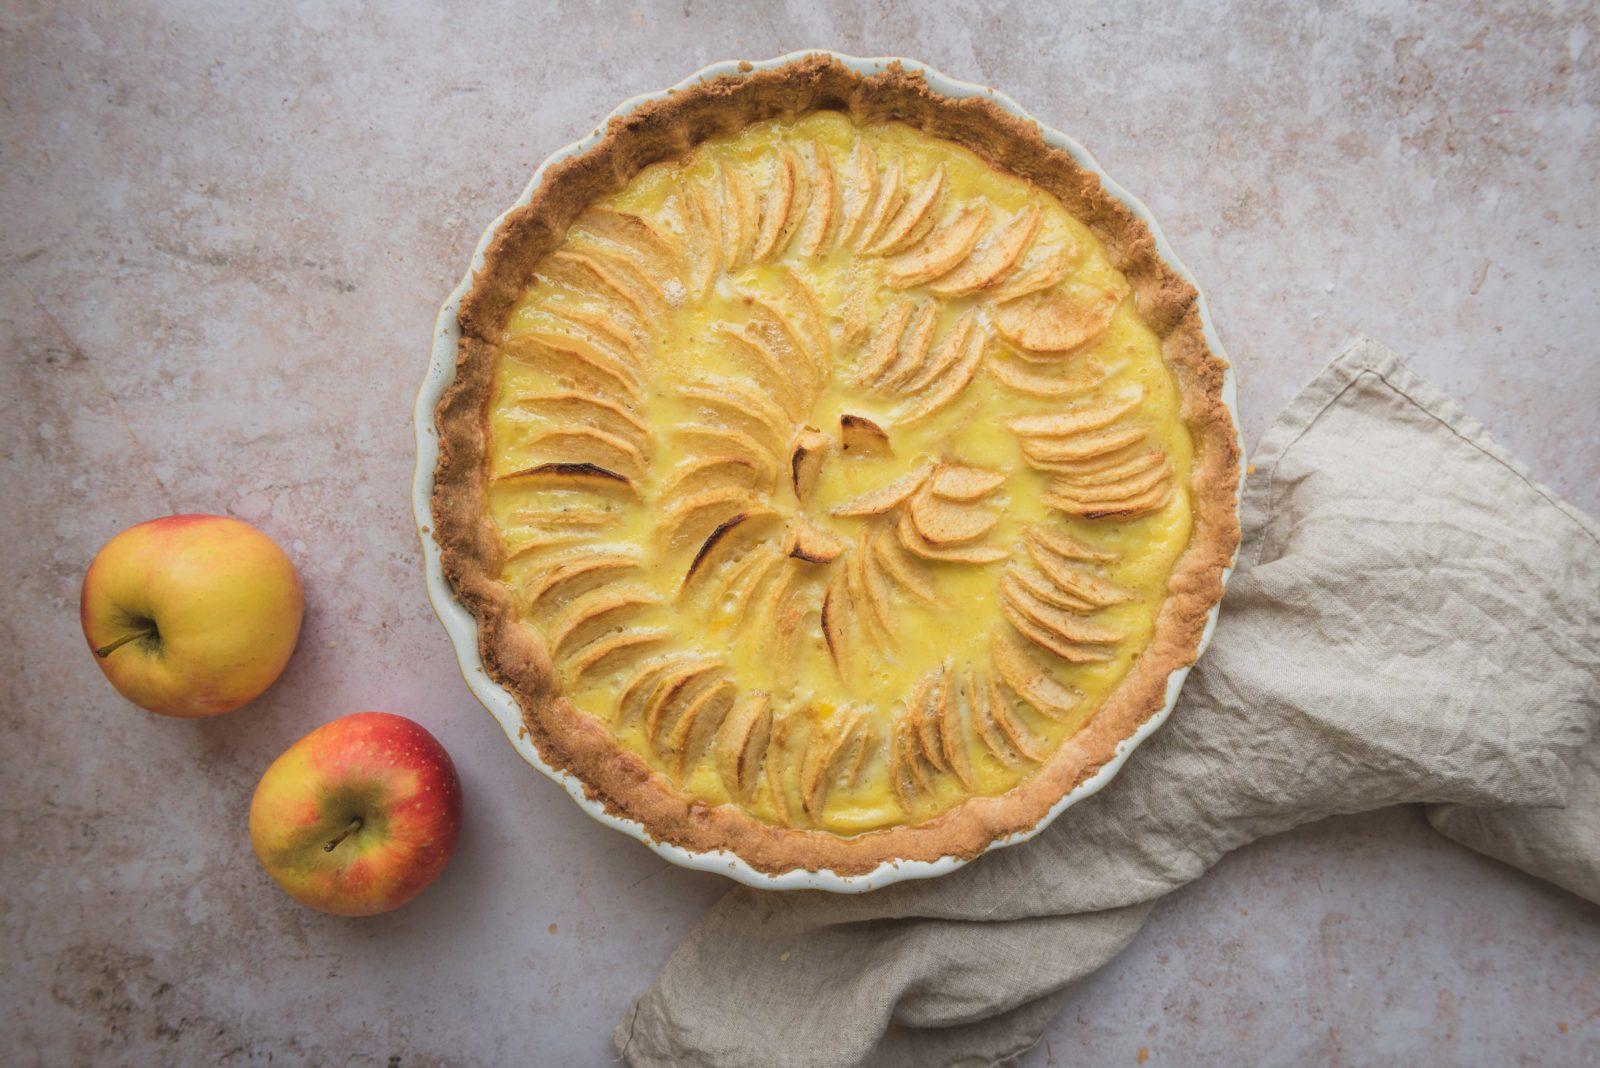 Une recette de tarte aux pommes maison simple. Elle est composée d'une pâte sucrée maison, d'une crème à la vanille et de pommes bien sûr. Un classique à vous réapproprier.